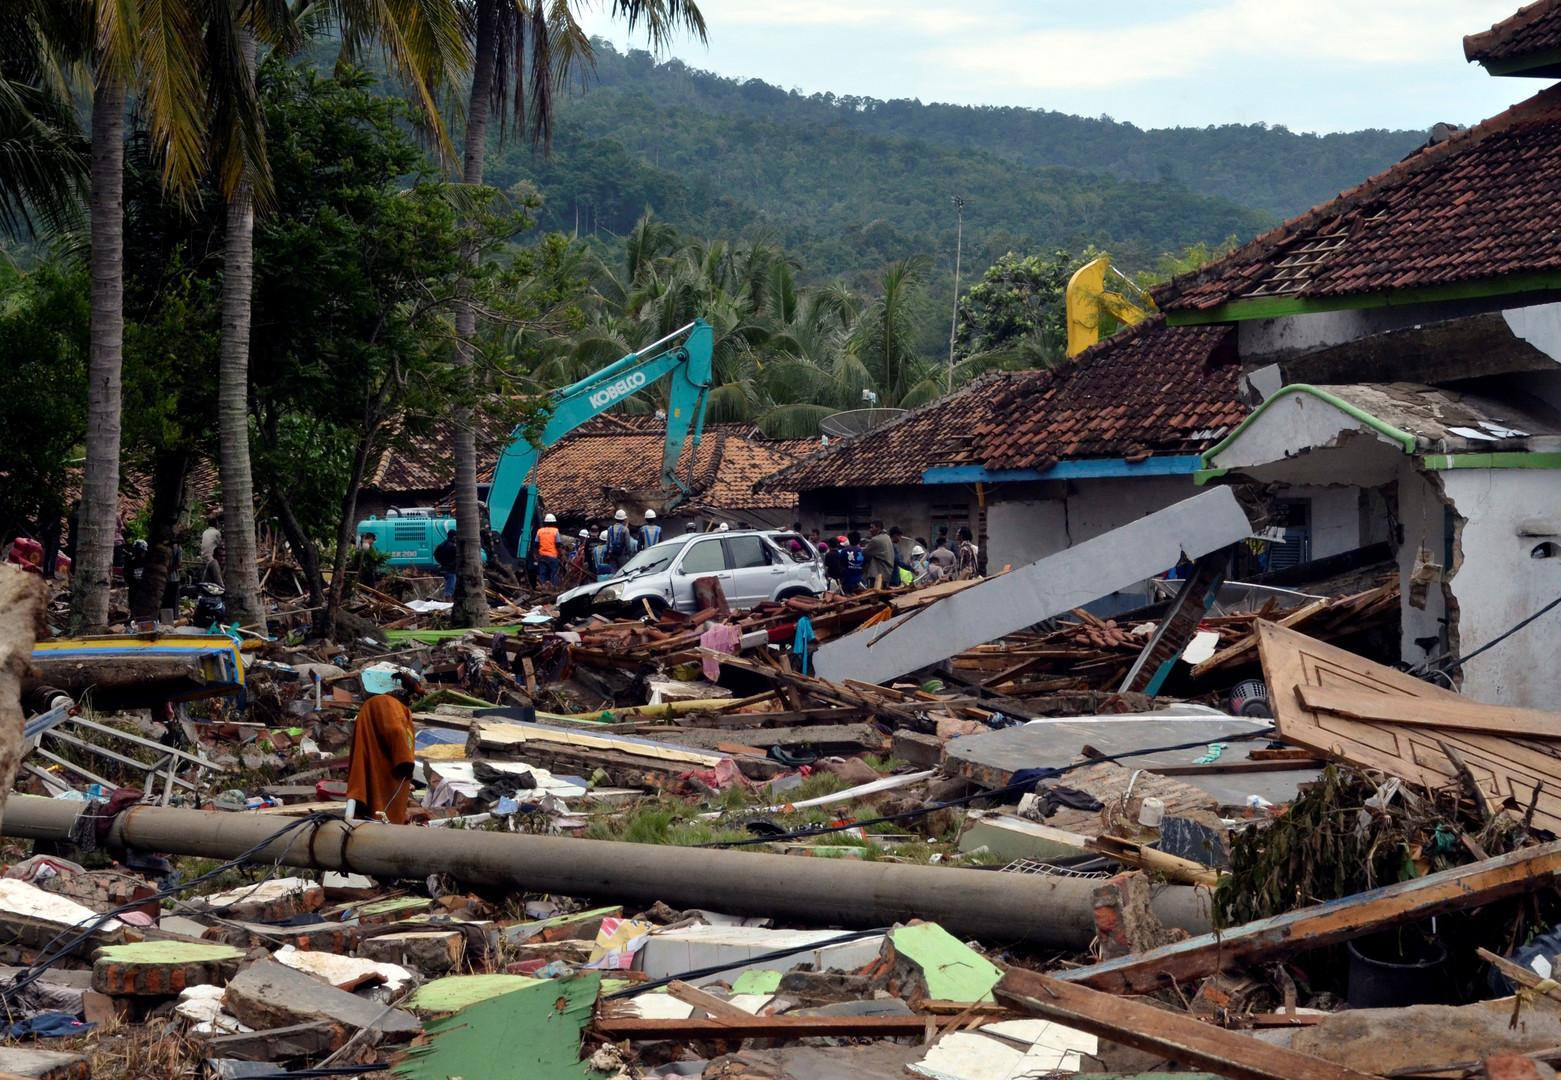 373 morts : le bilan du tsunami en Indonésie s'alourdit et de nouveaux ravages sont à craindre